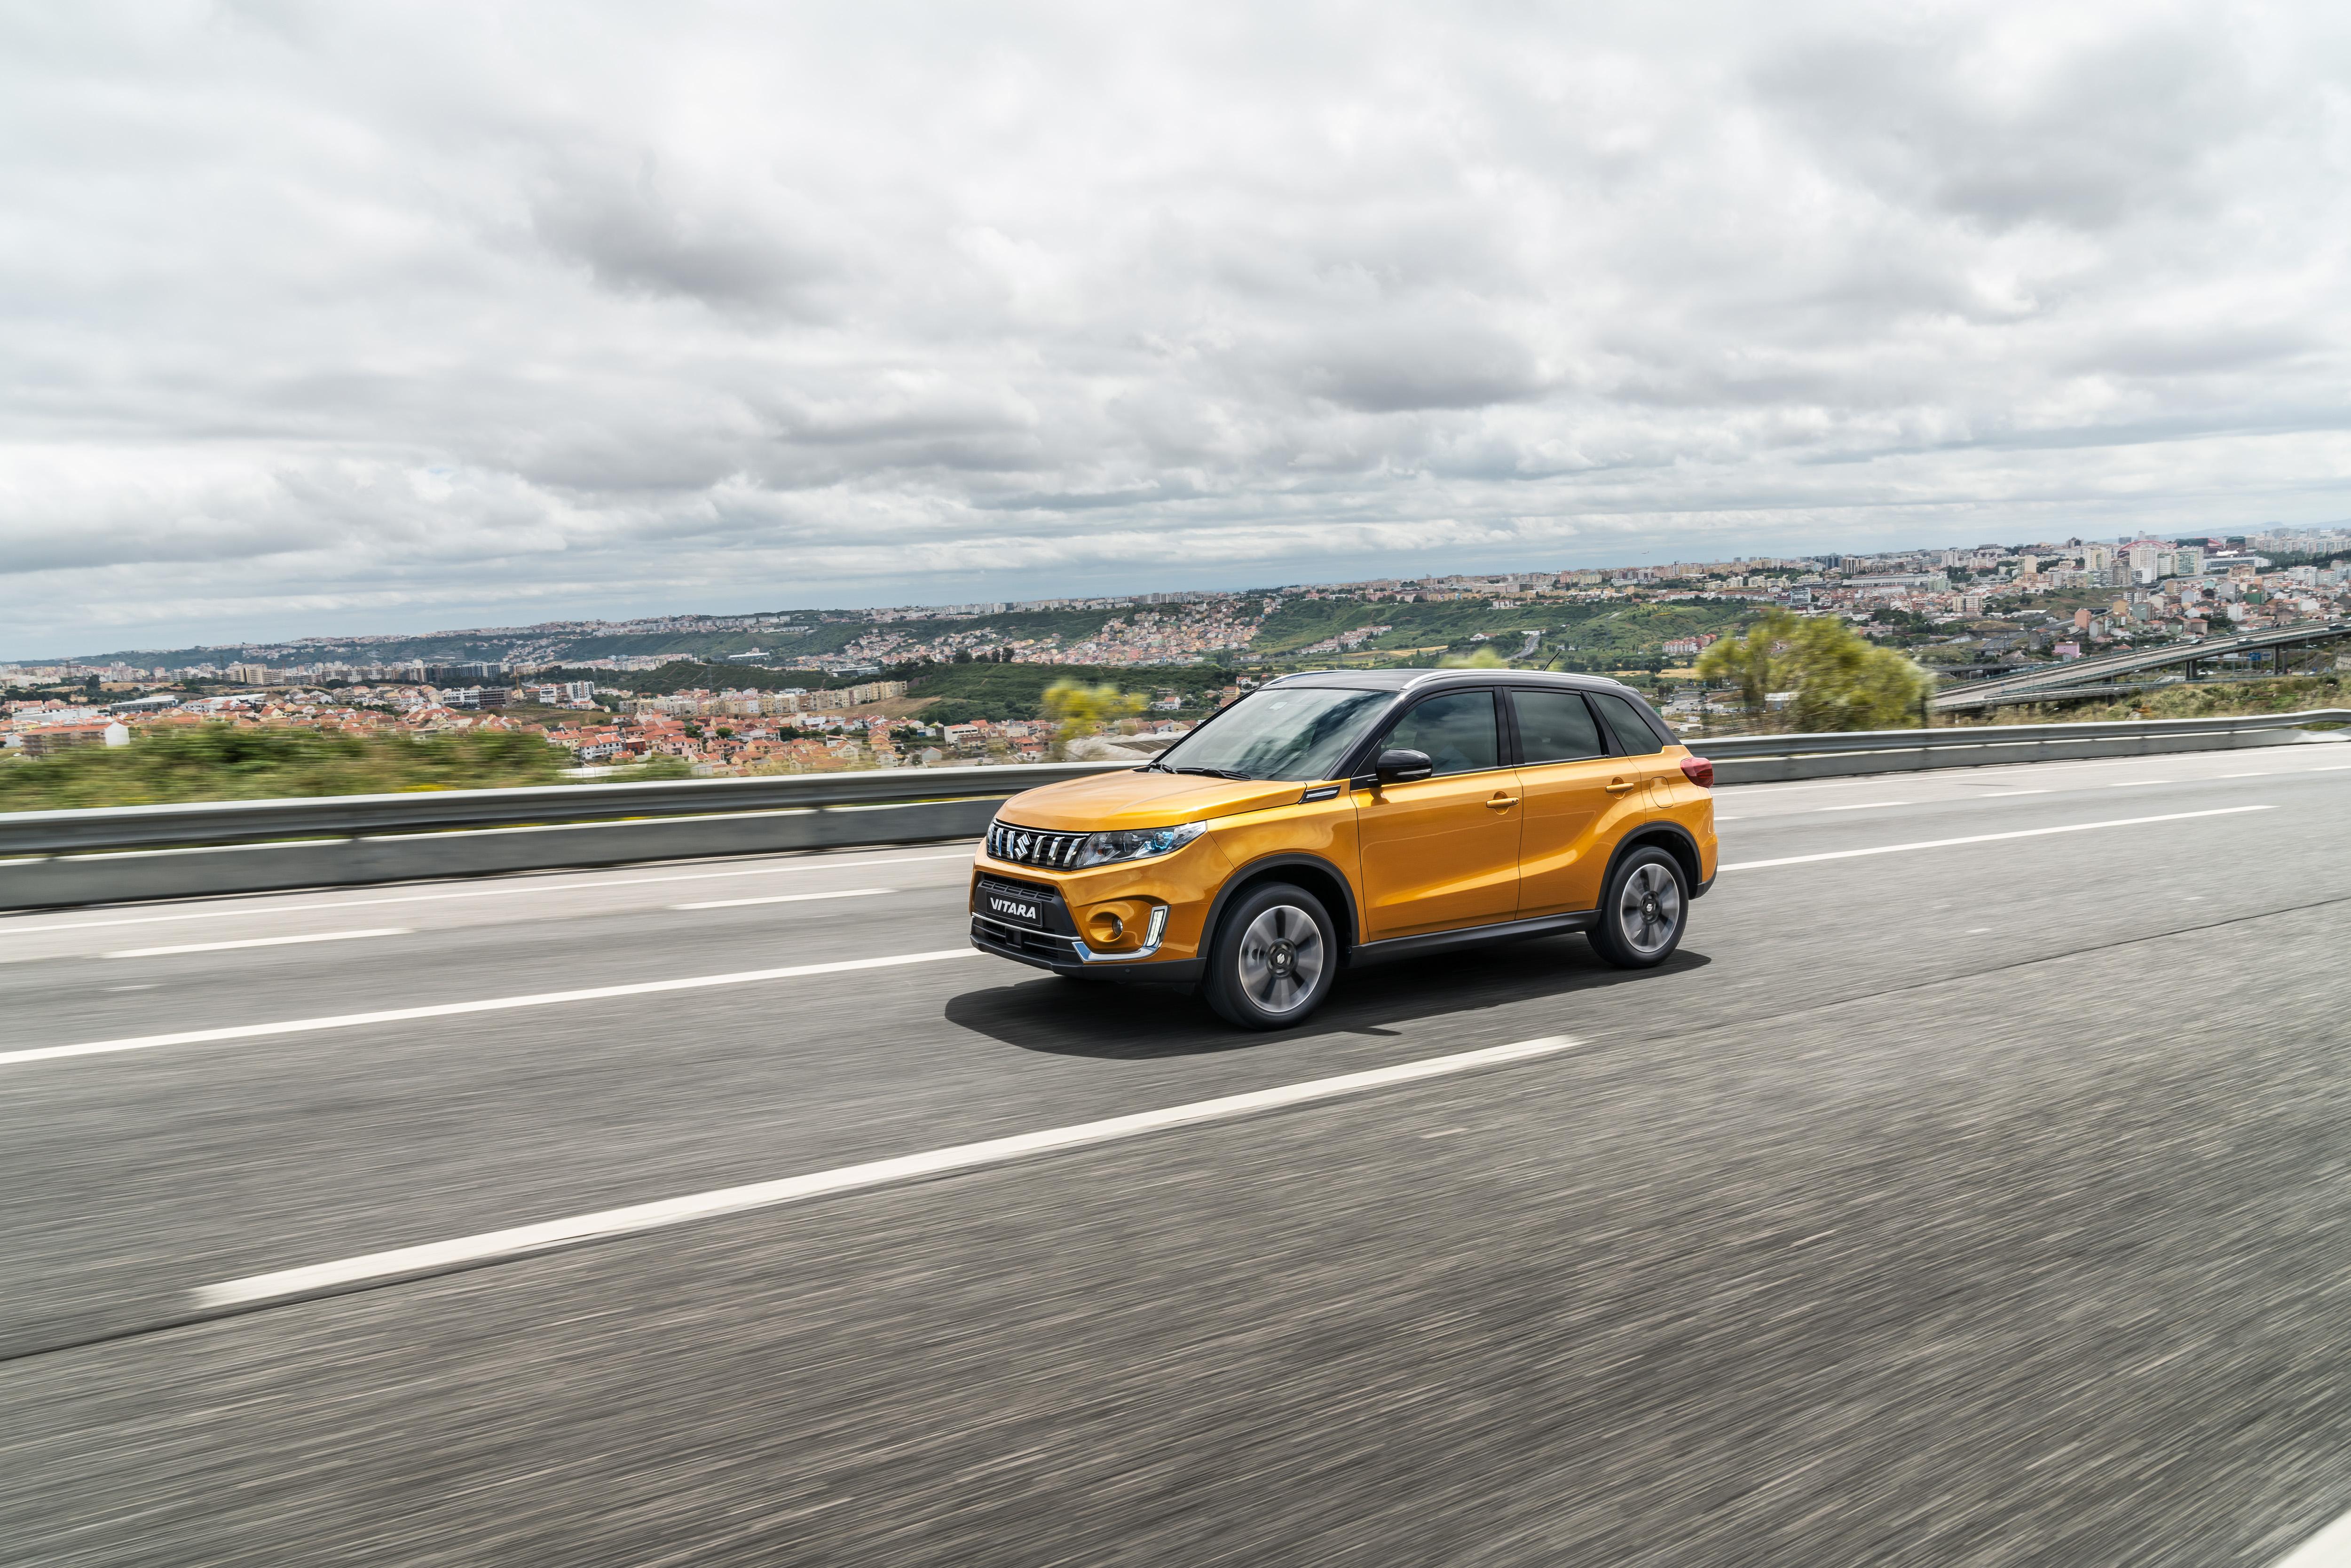 Nuova Suzuki Vitara, ecco le prime foto #suv 5